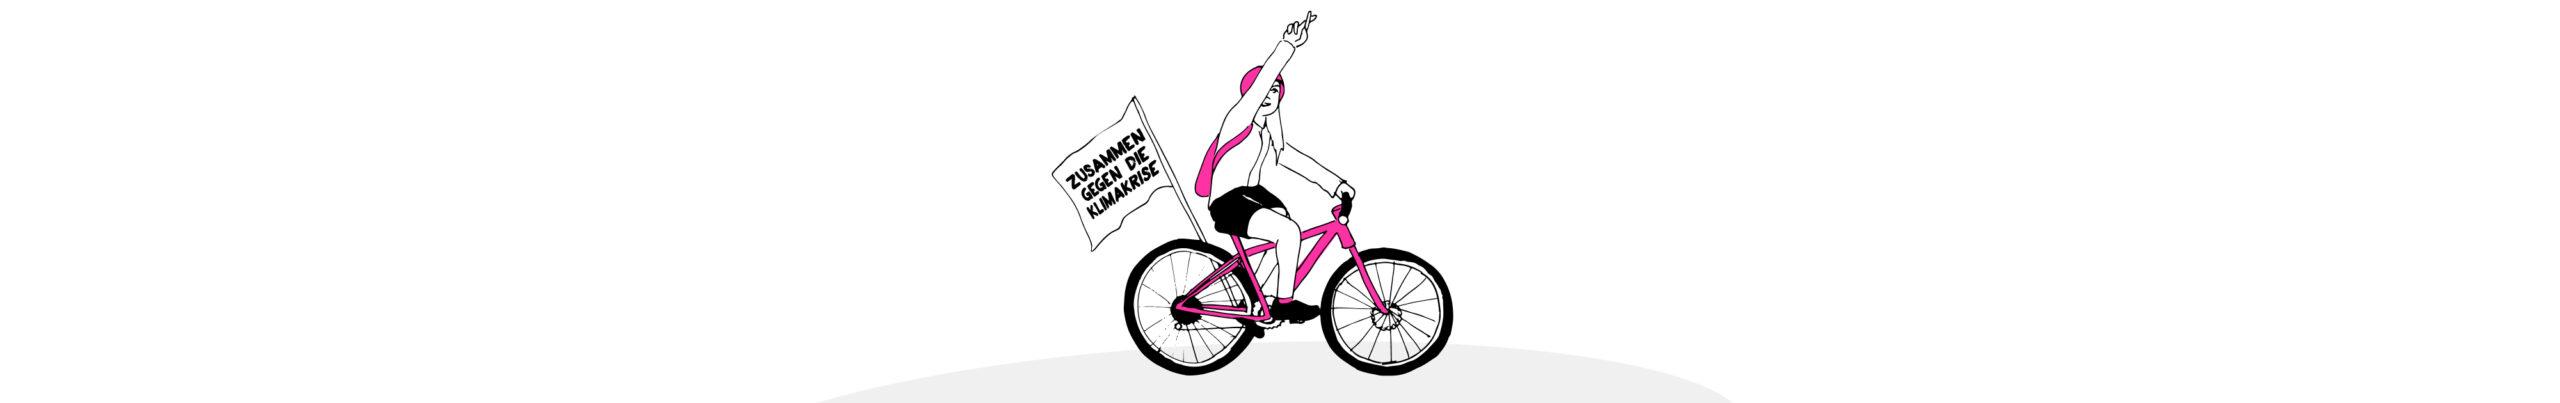 filler-fahrrad-wink